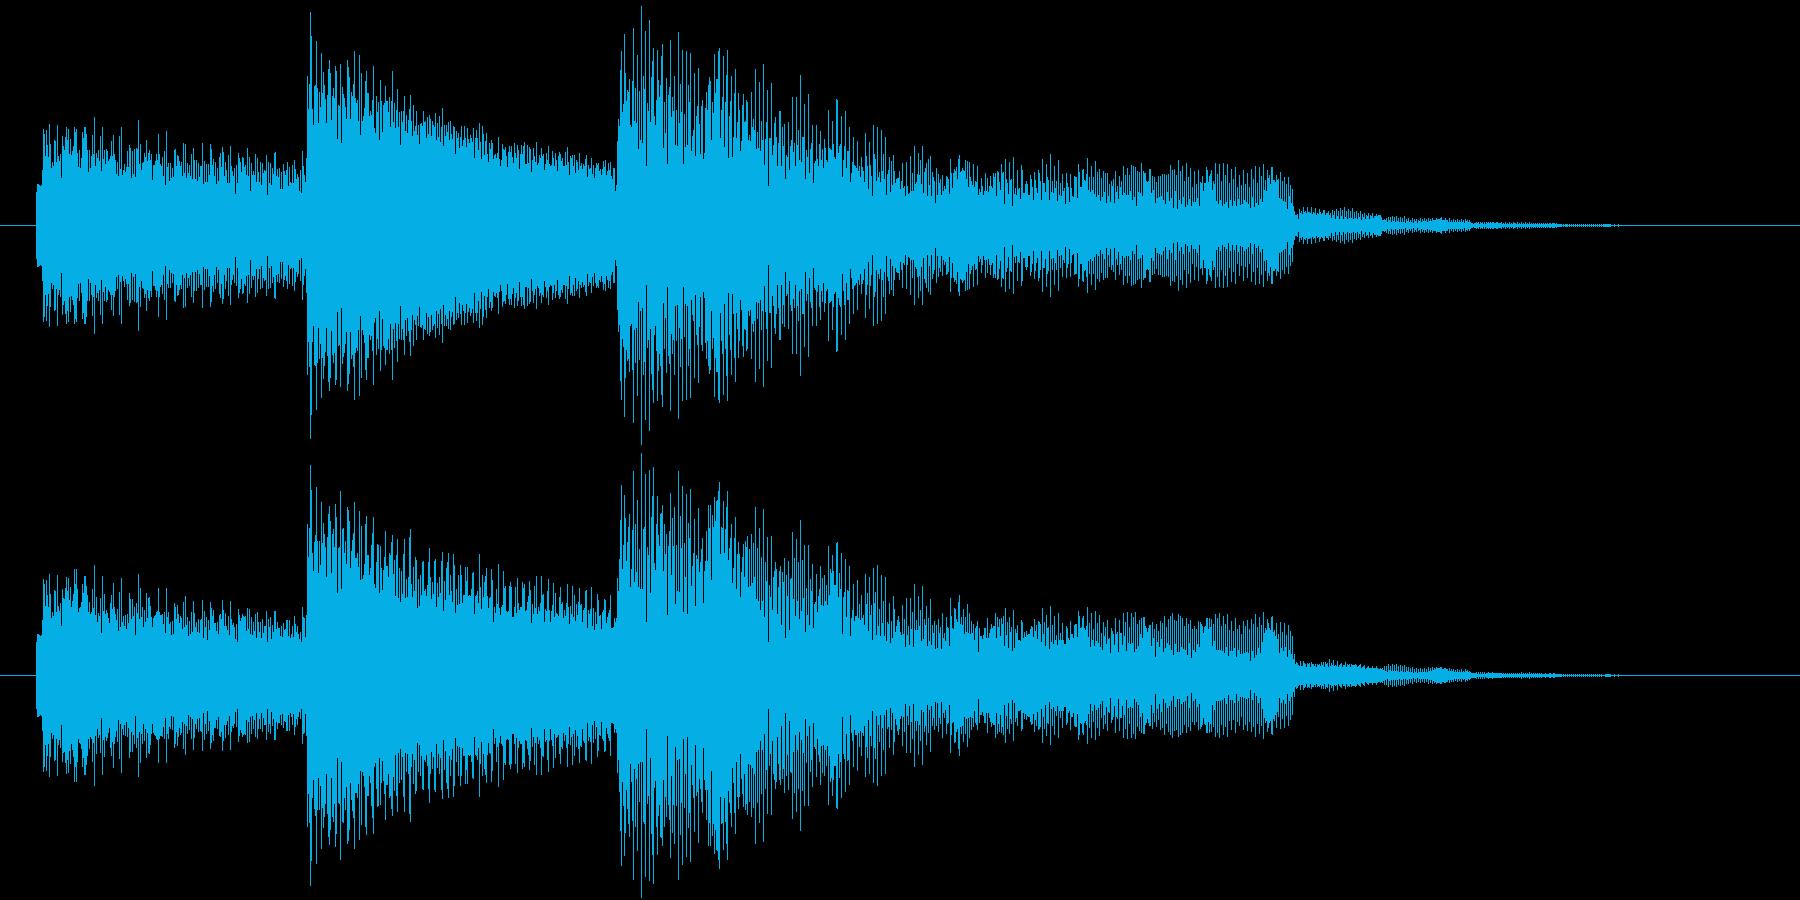 【ジングル】エレピによるラウンジ調の曲の再生済みの波形